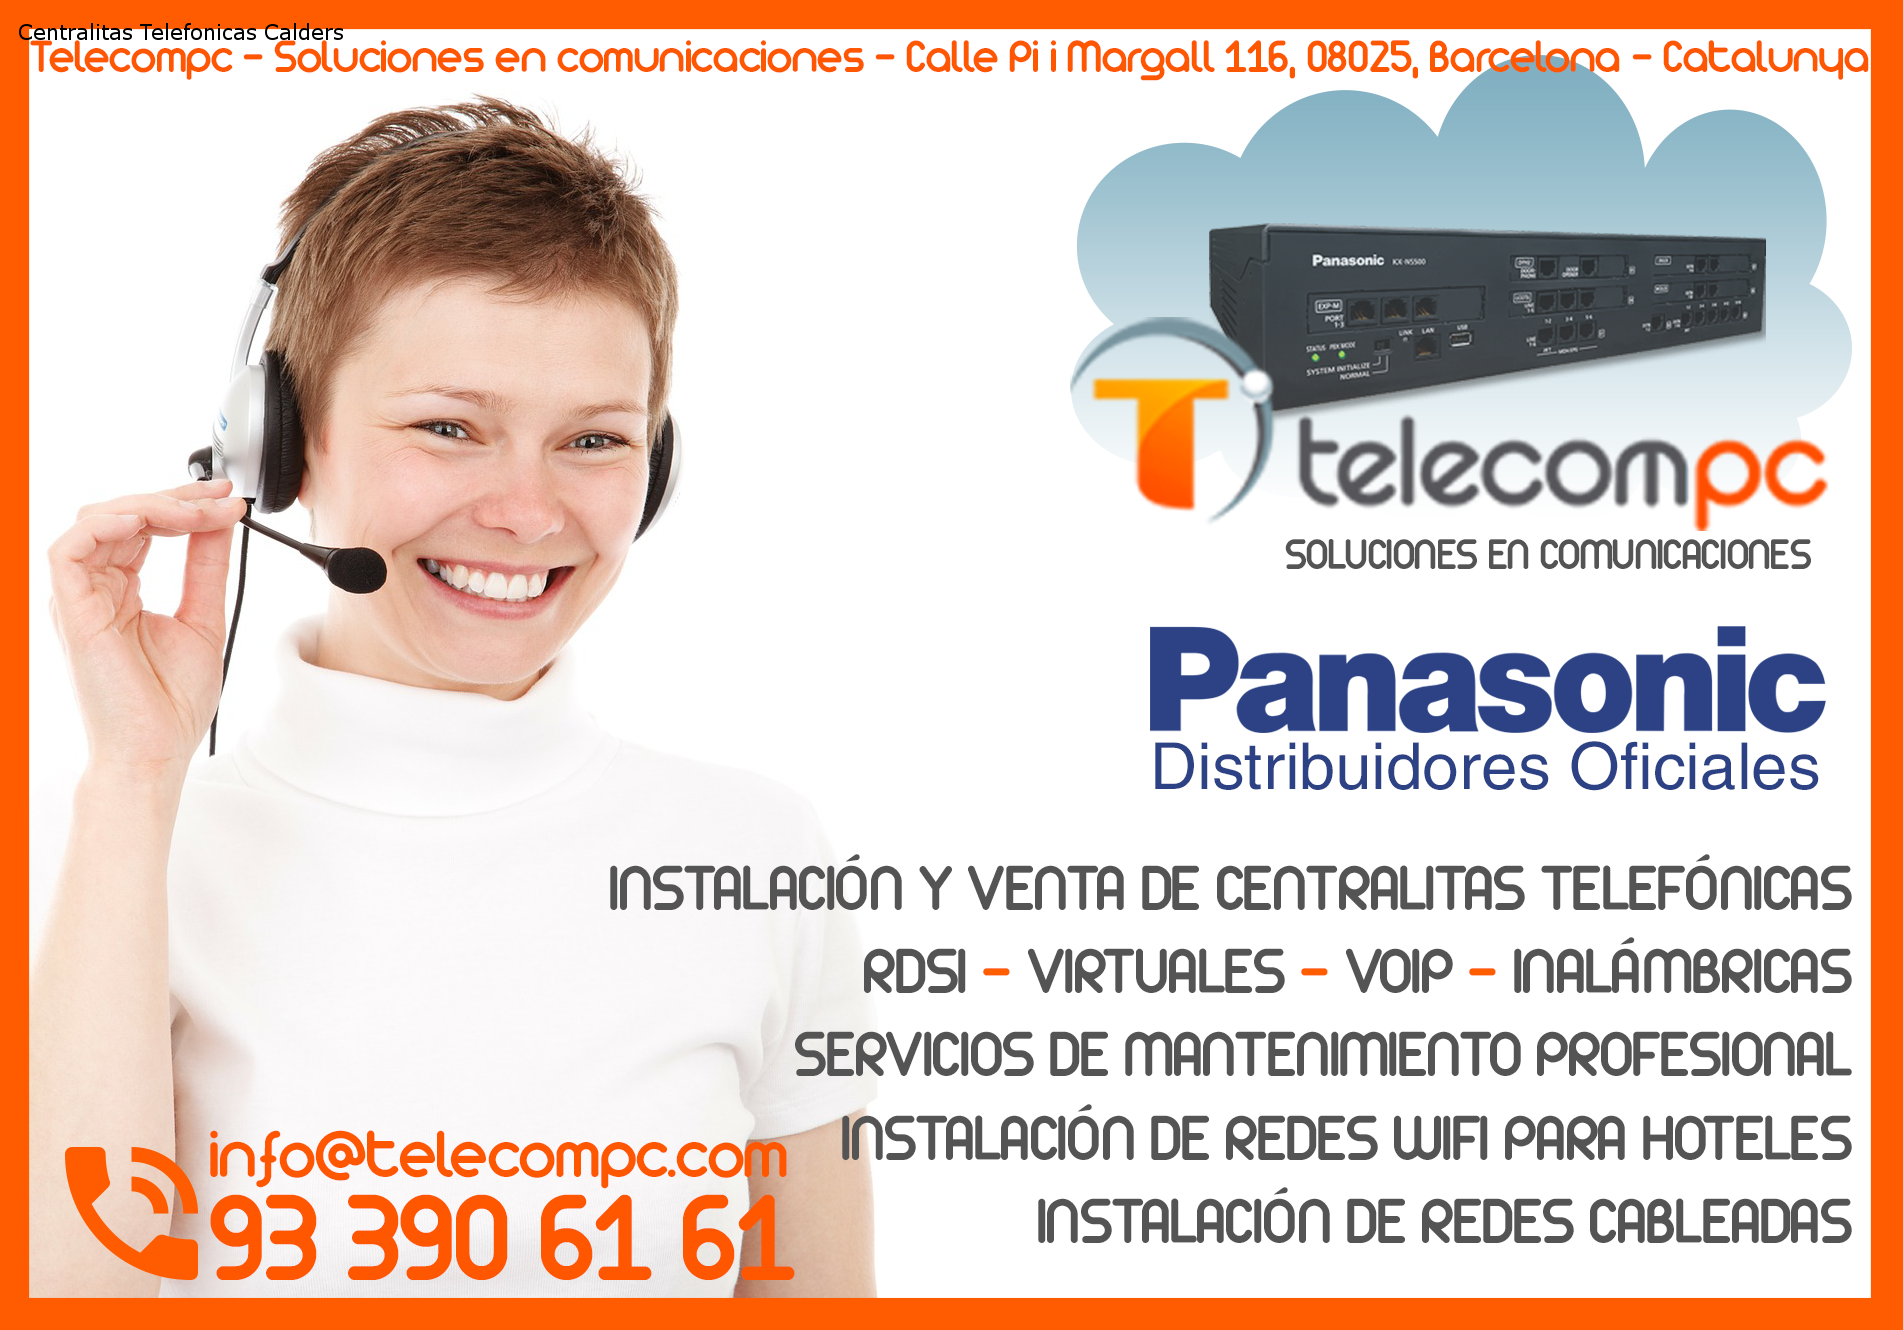 Centralitas Telefonicas Calders